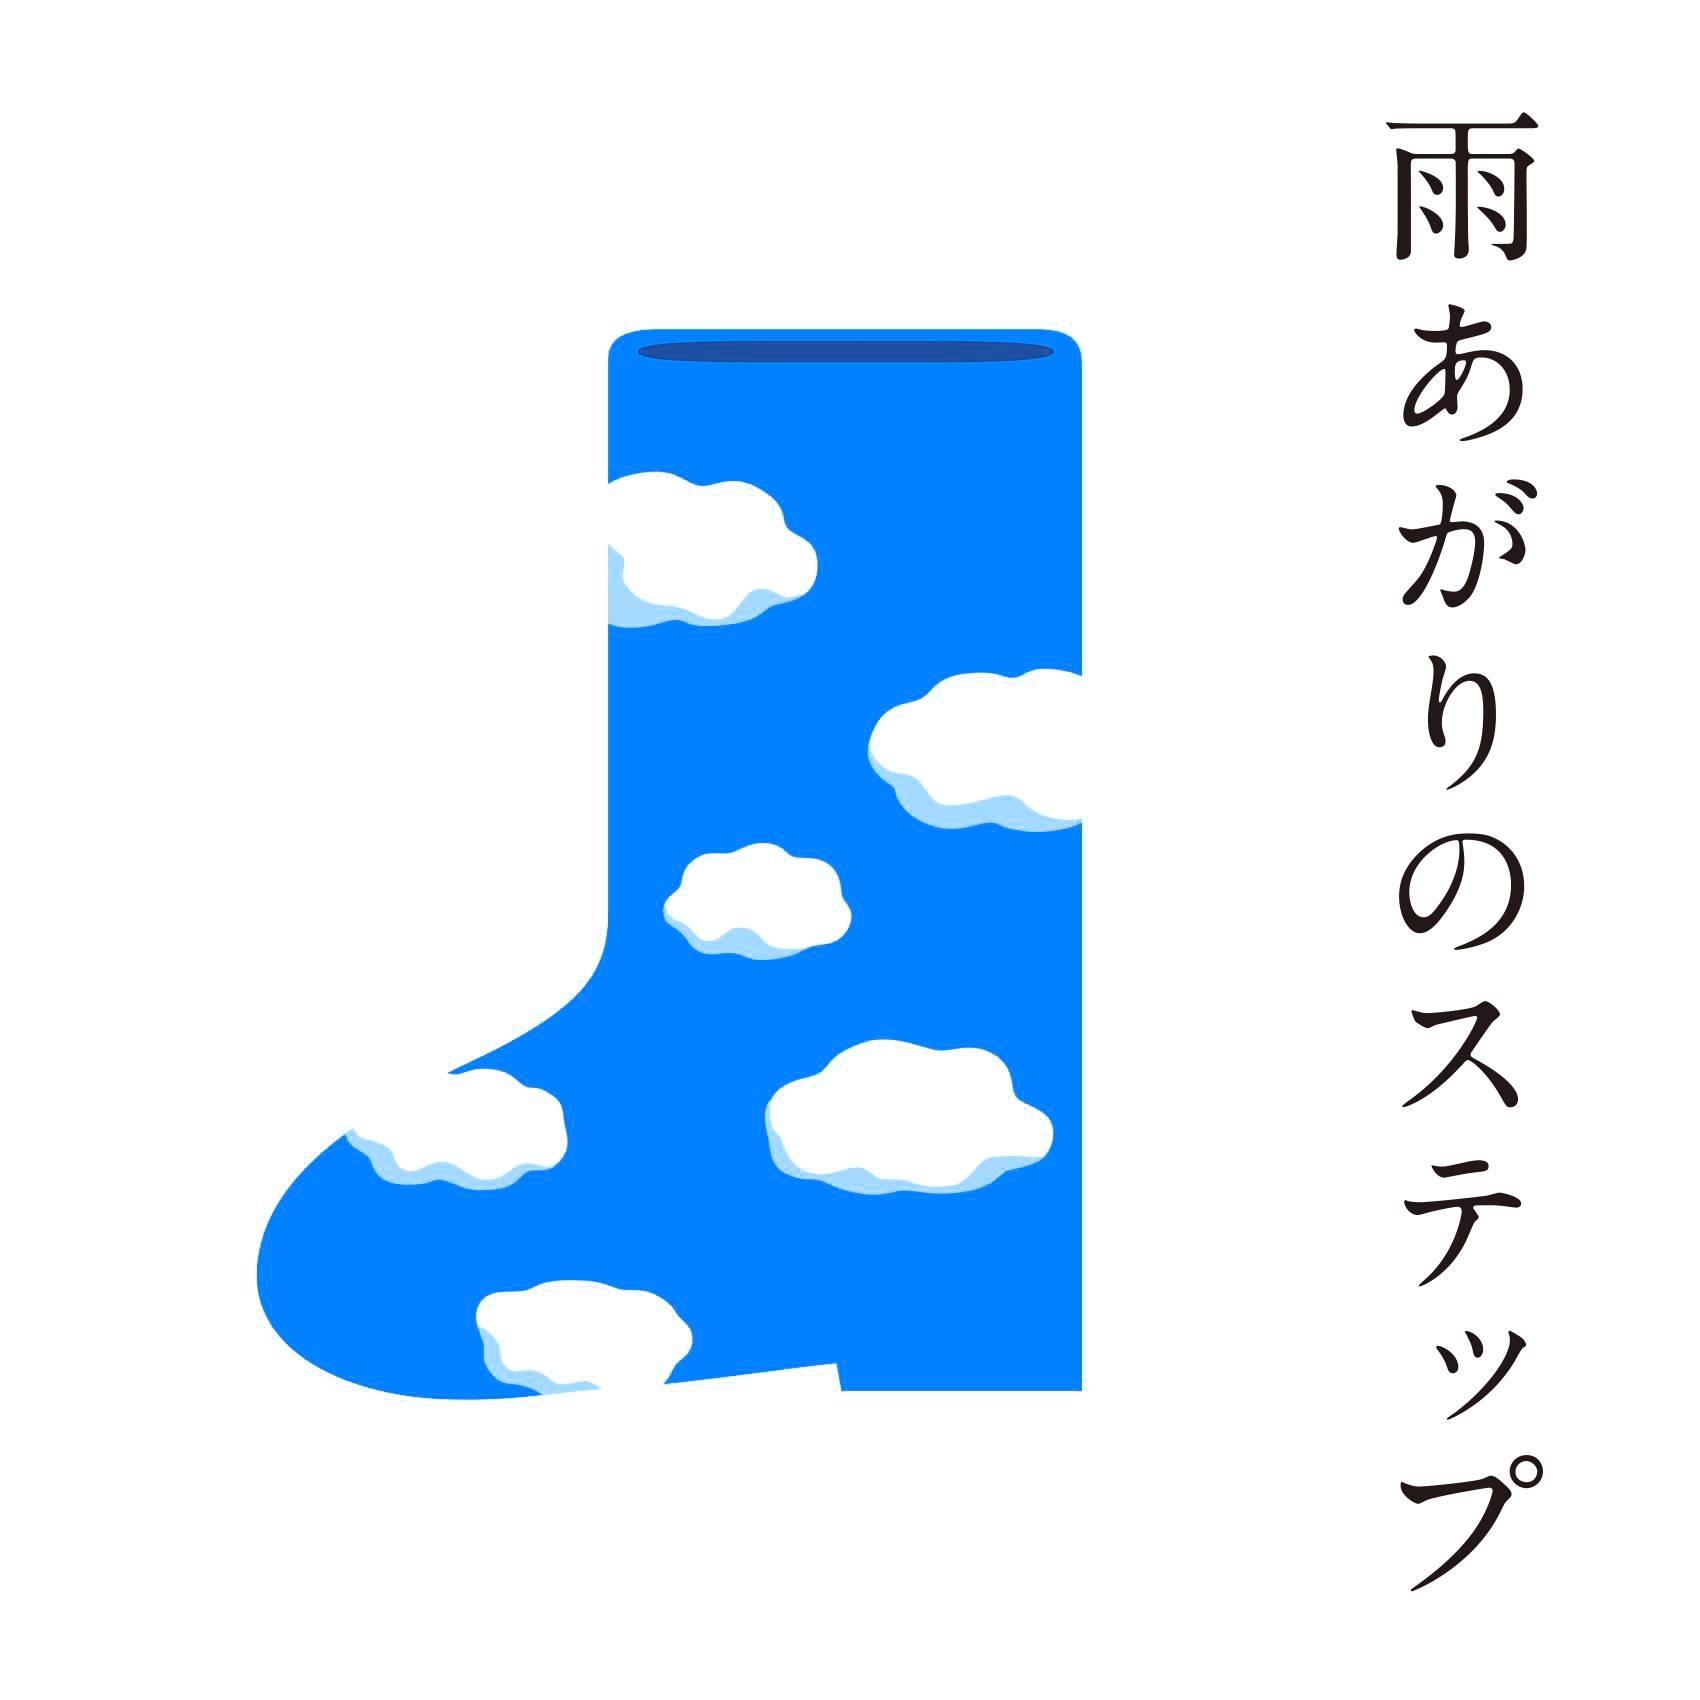 新しい地図 (稲垣吾郎 草なぎ剛 香取慎吾) 配信限定シングル『雨あがりのステップ』(チャリティー・ヴァージョン) 高画質ジャケ写